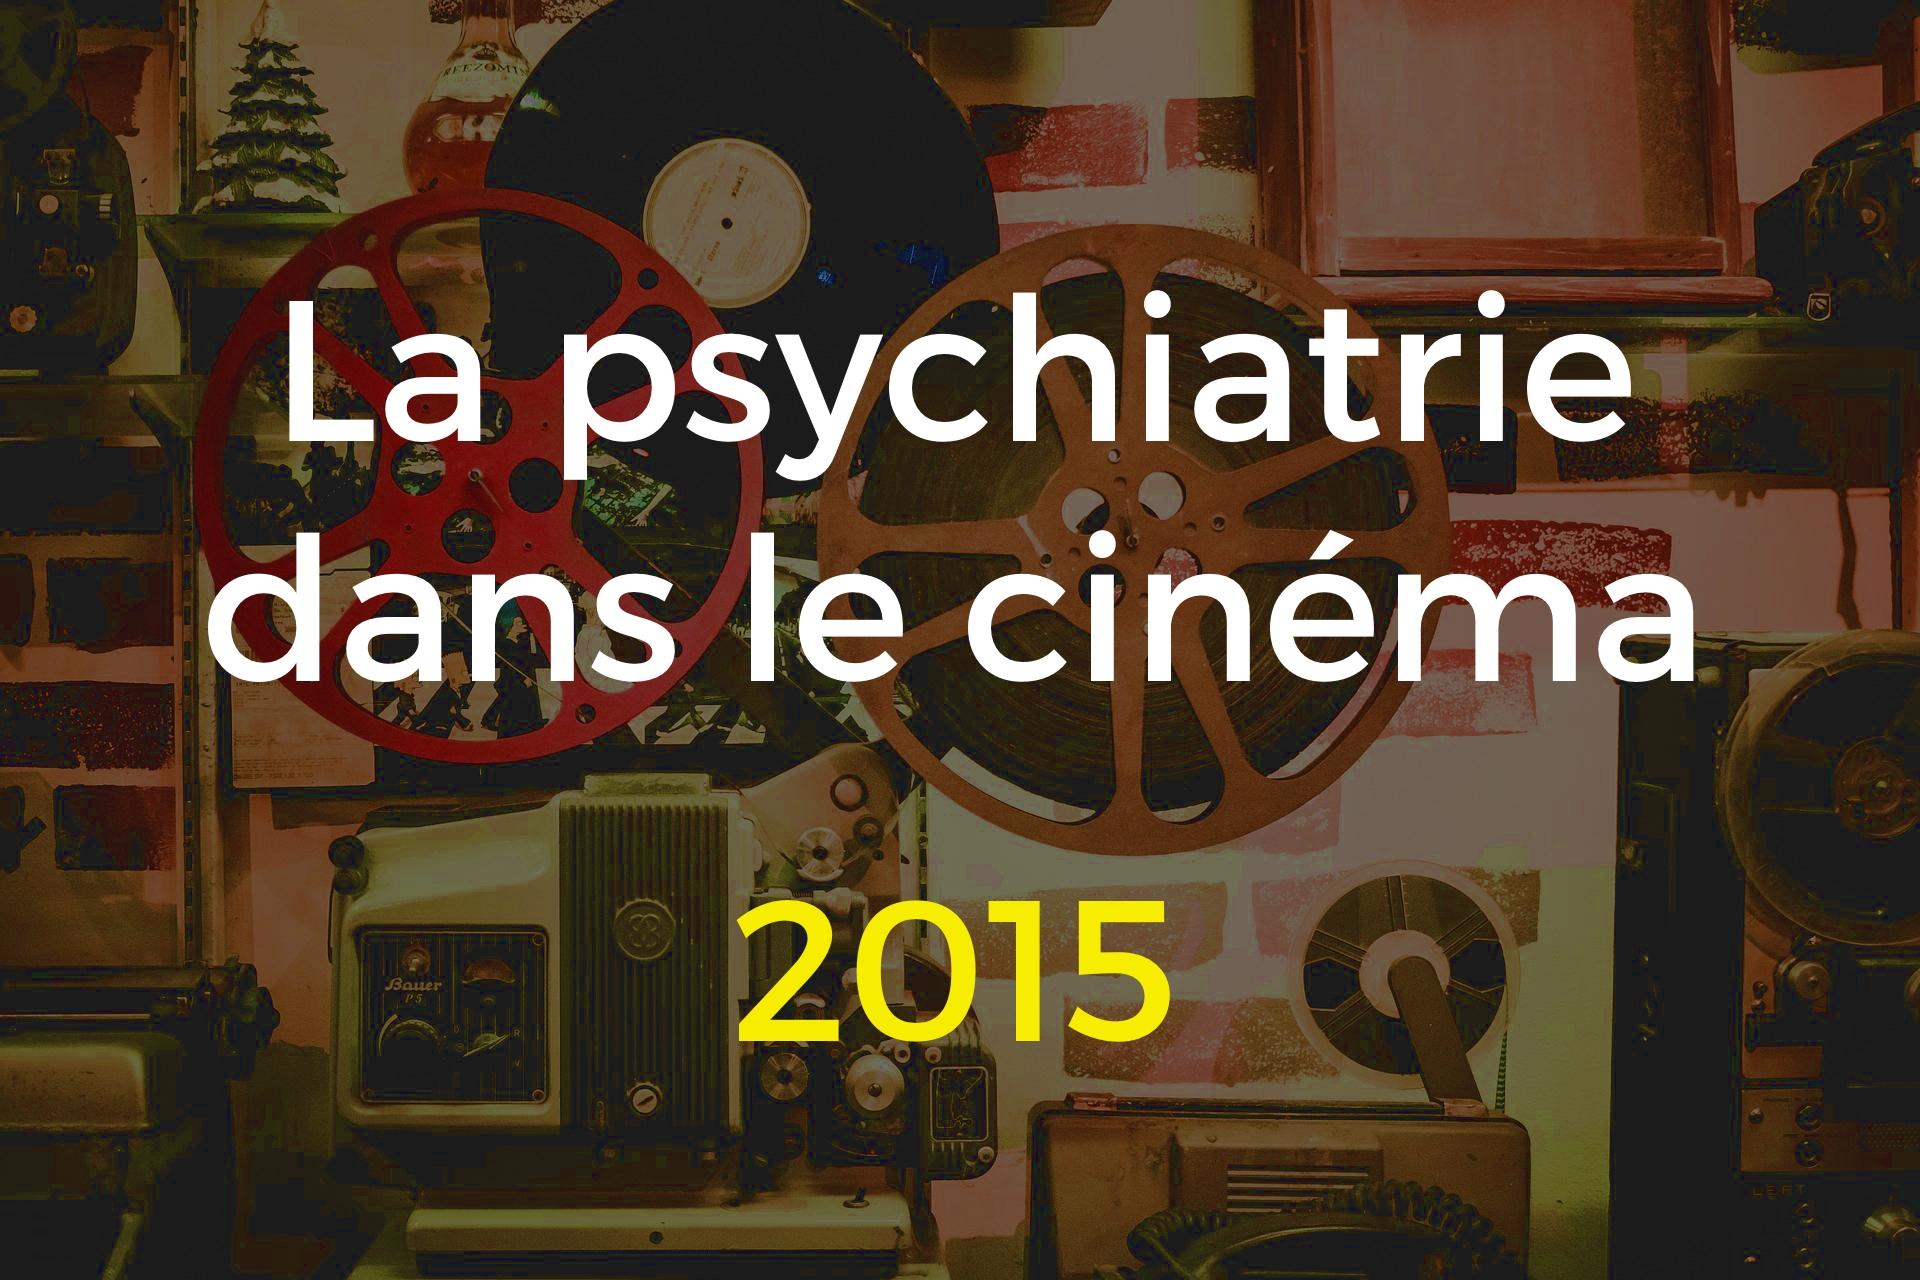 La psychiatrie dans le cinéma 2015